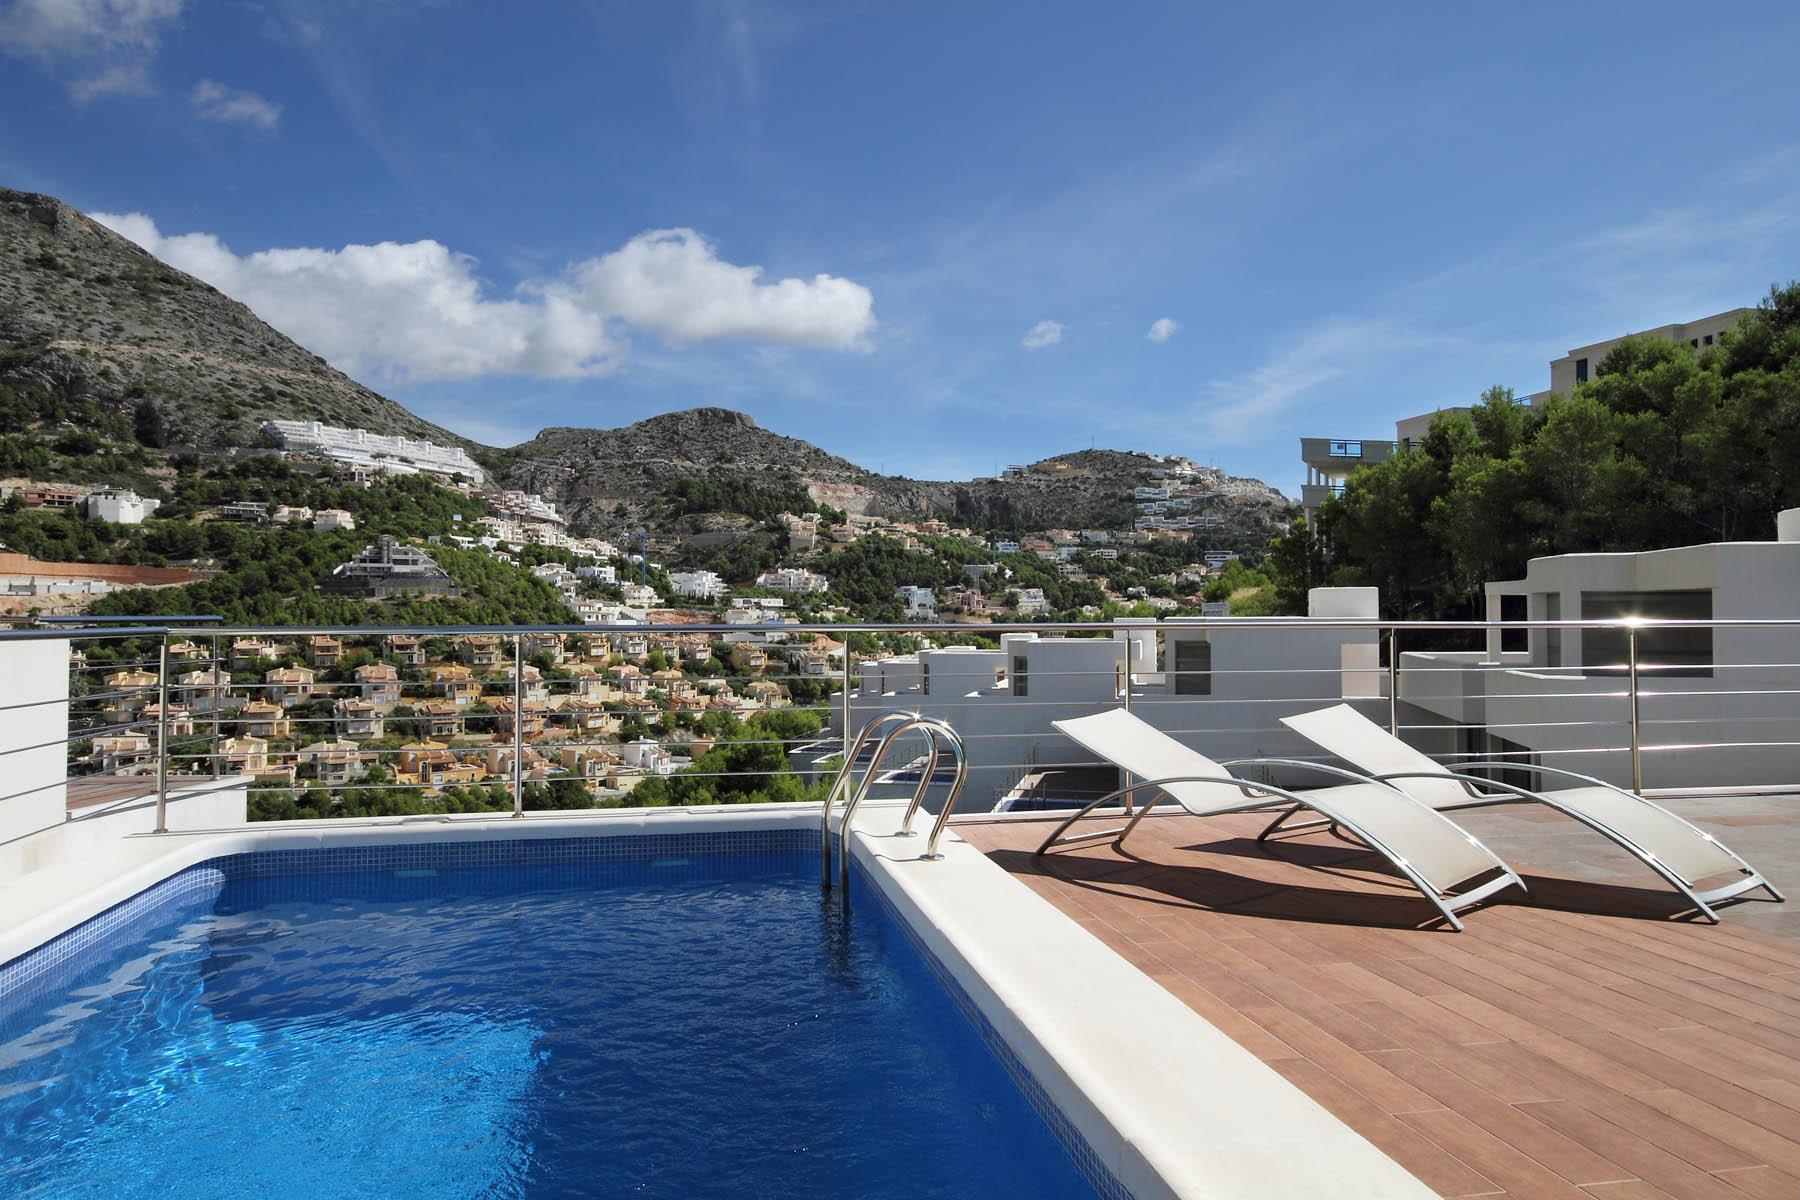 Piscina planos de casas gratis deplanos com for Planos de piscinas semiolimpicas